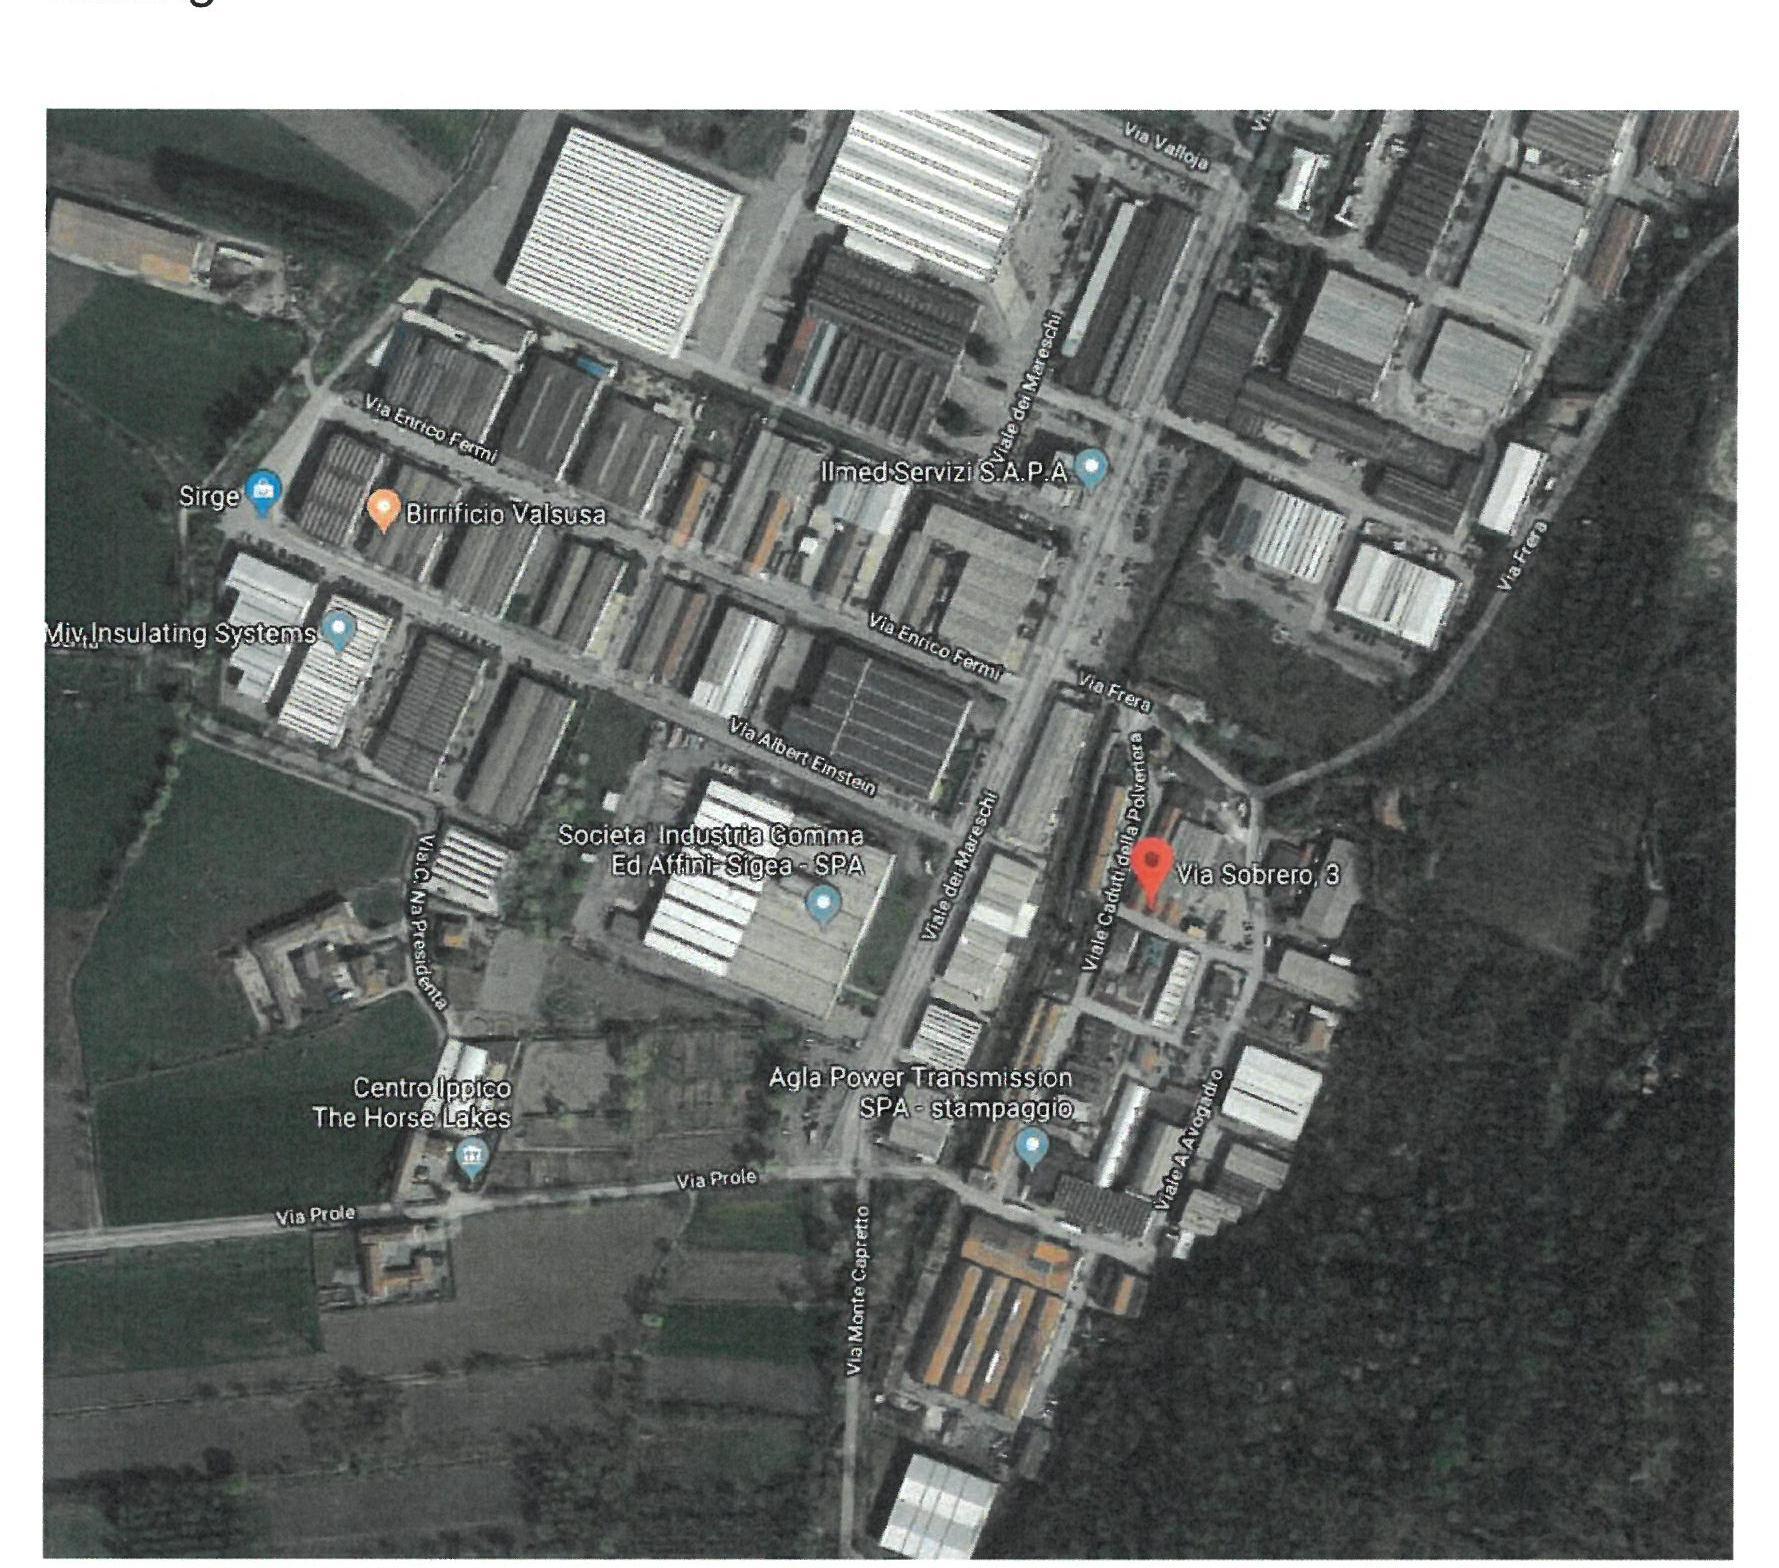 Cessione attività in vendita Bertassi-via Sobrero Avigliana